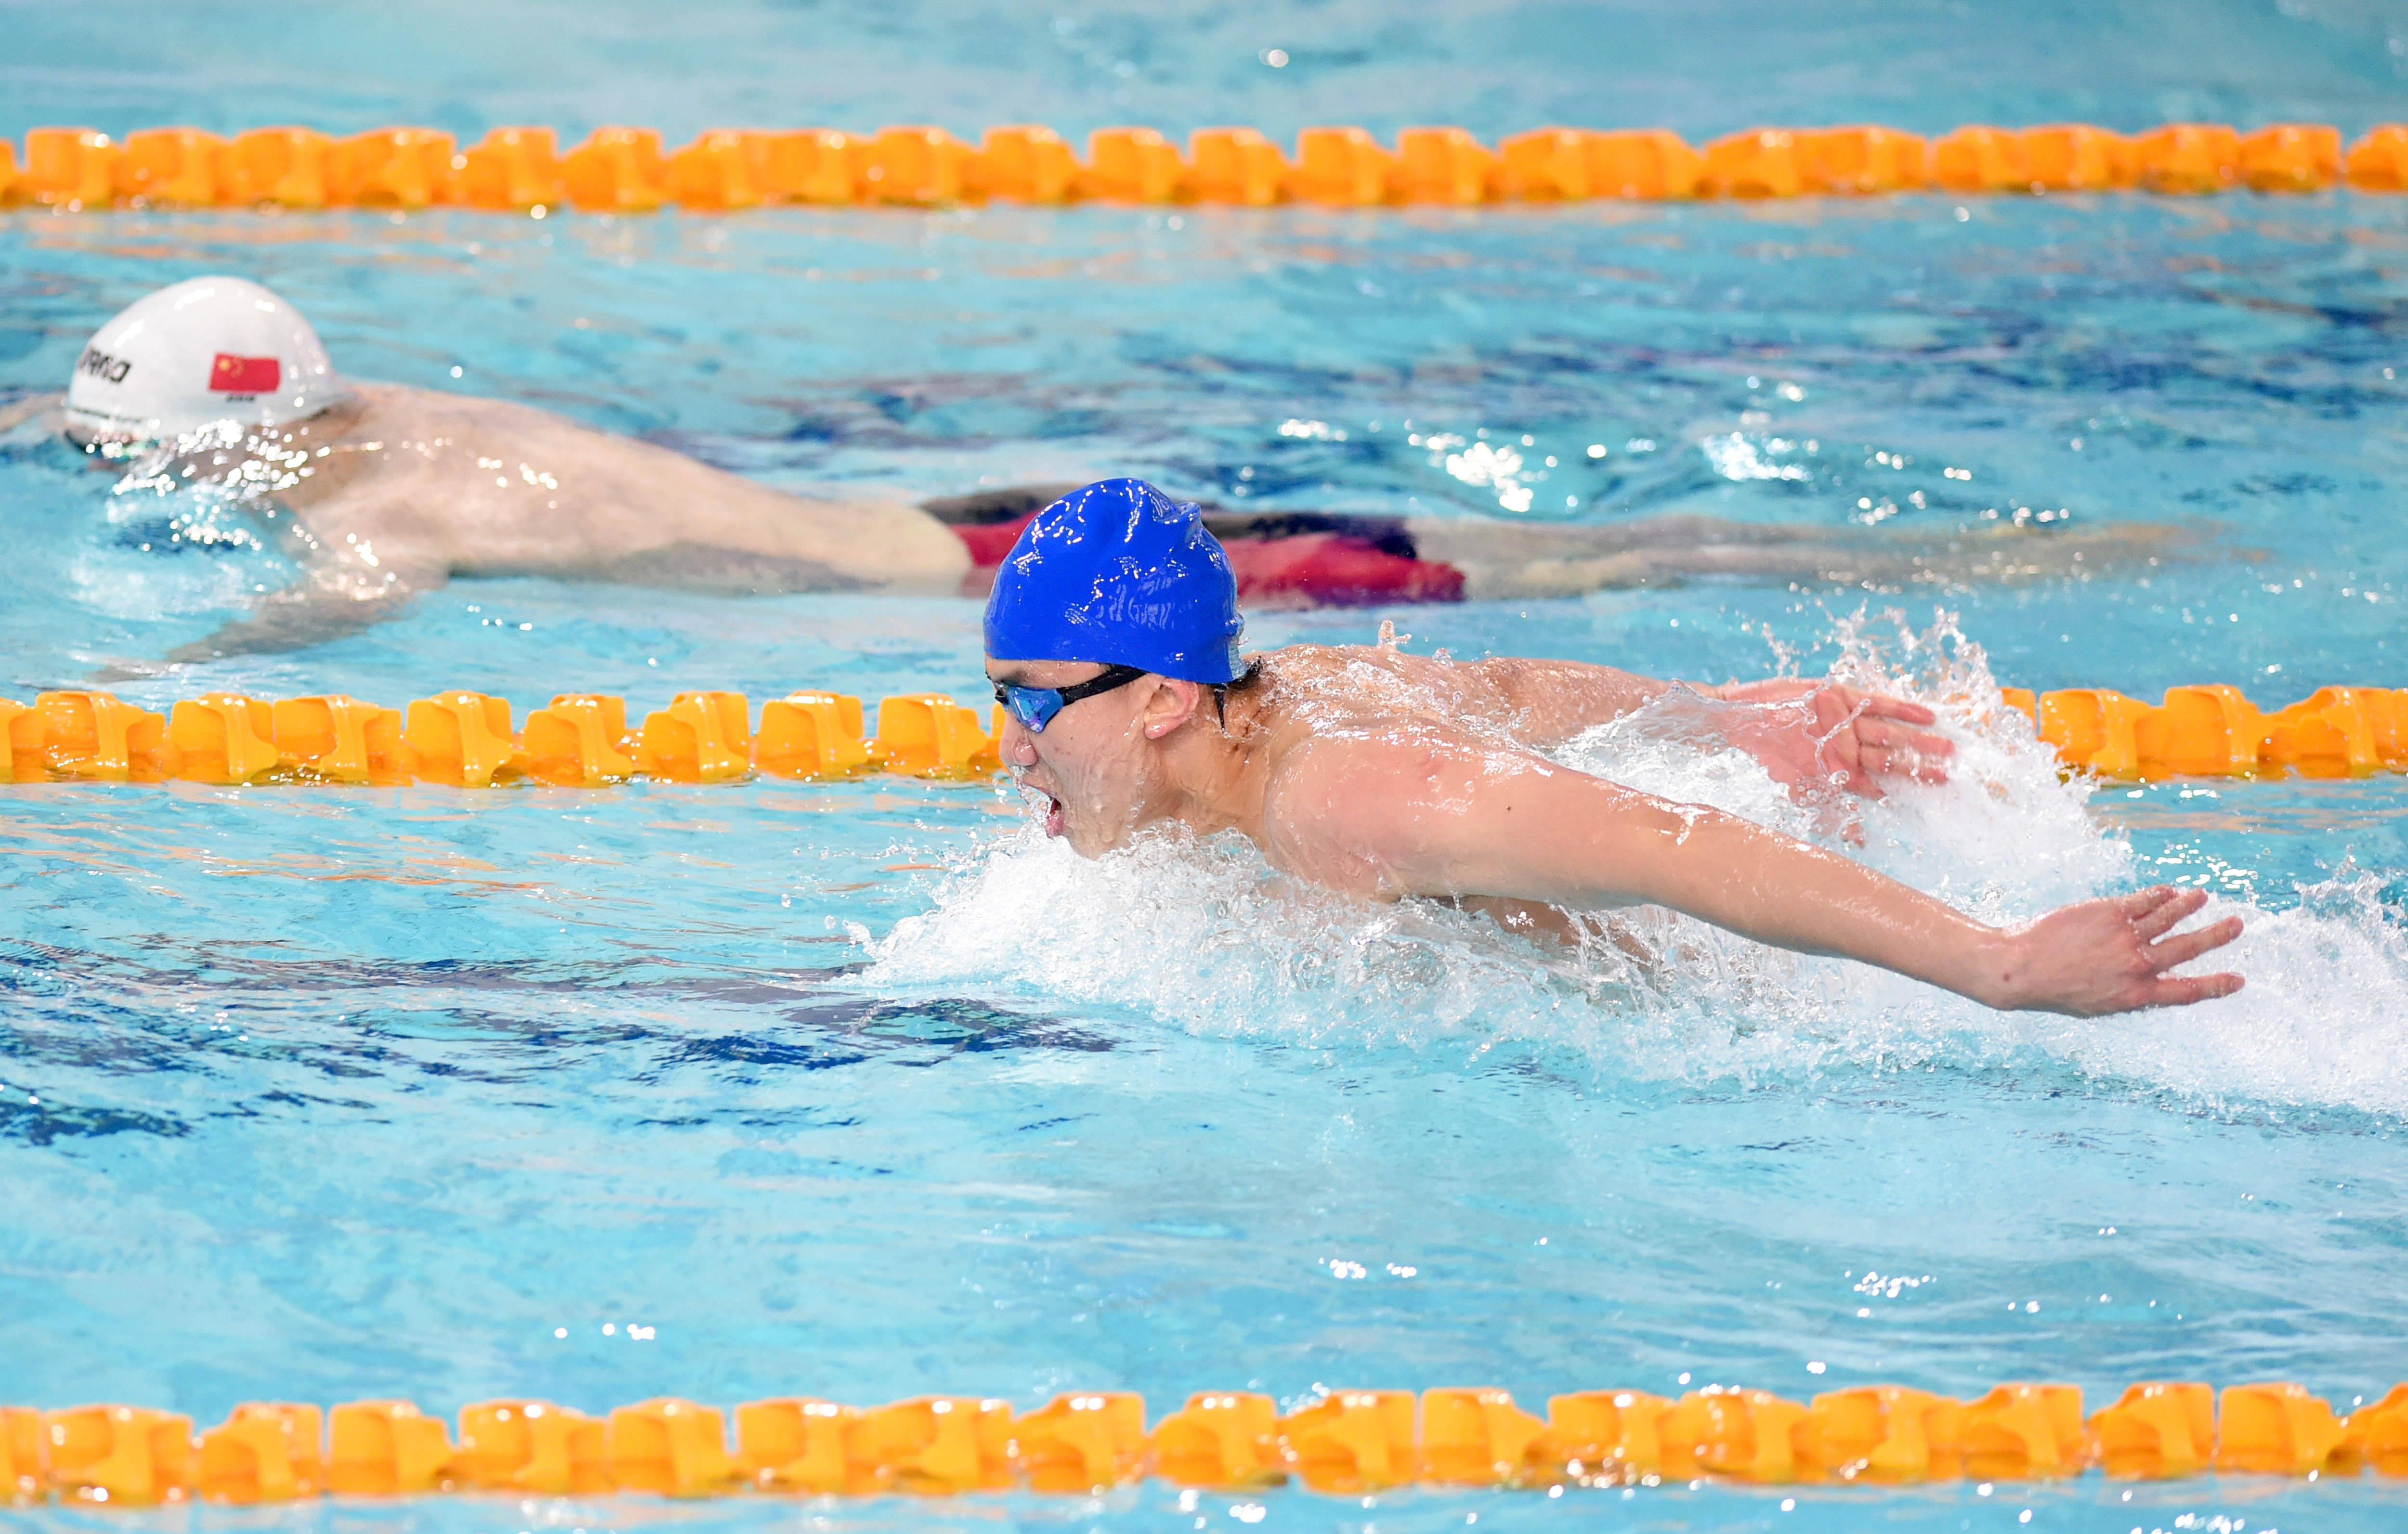 游泳——全国游泳争霸赛:陈俊儿获得男子200米蝶泳冠军